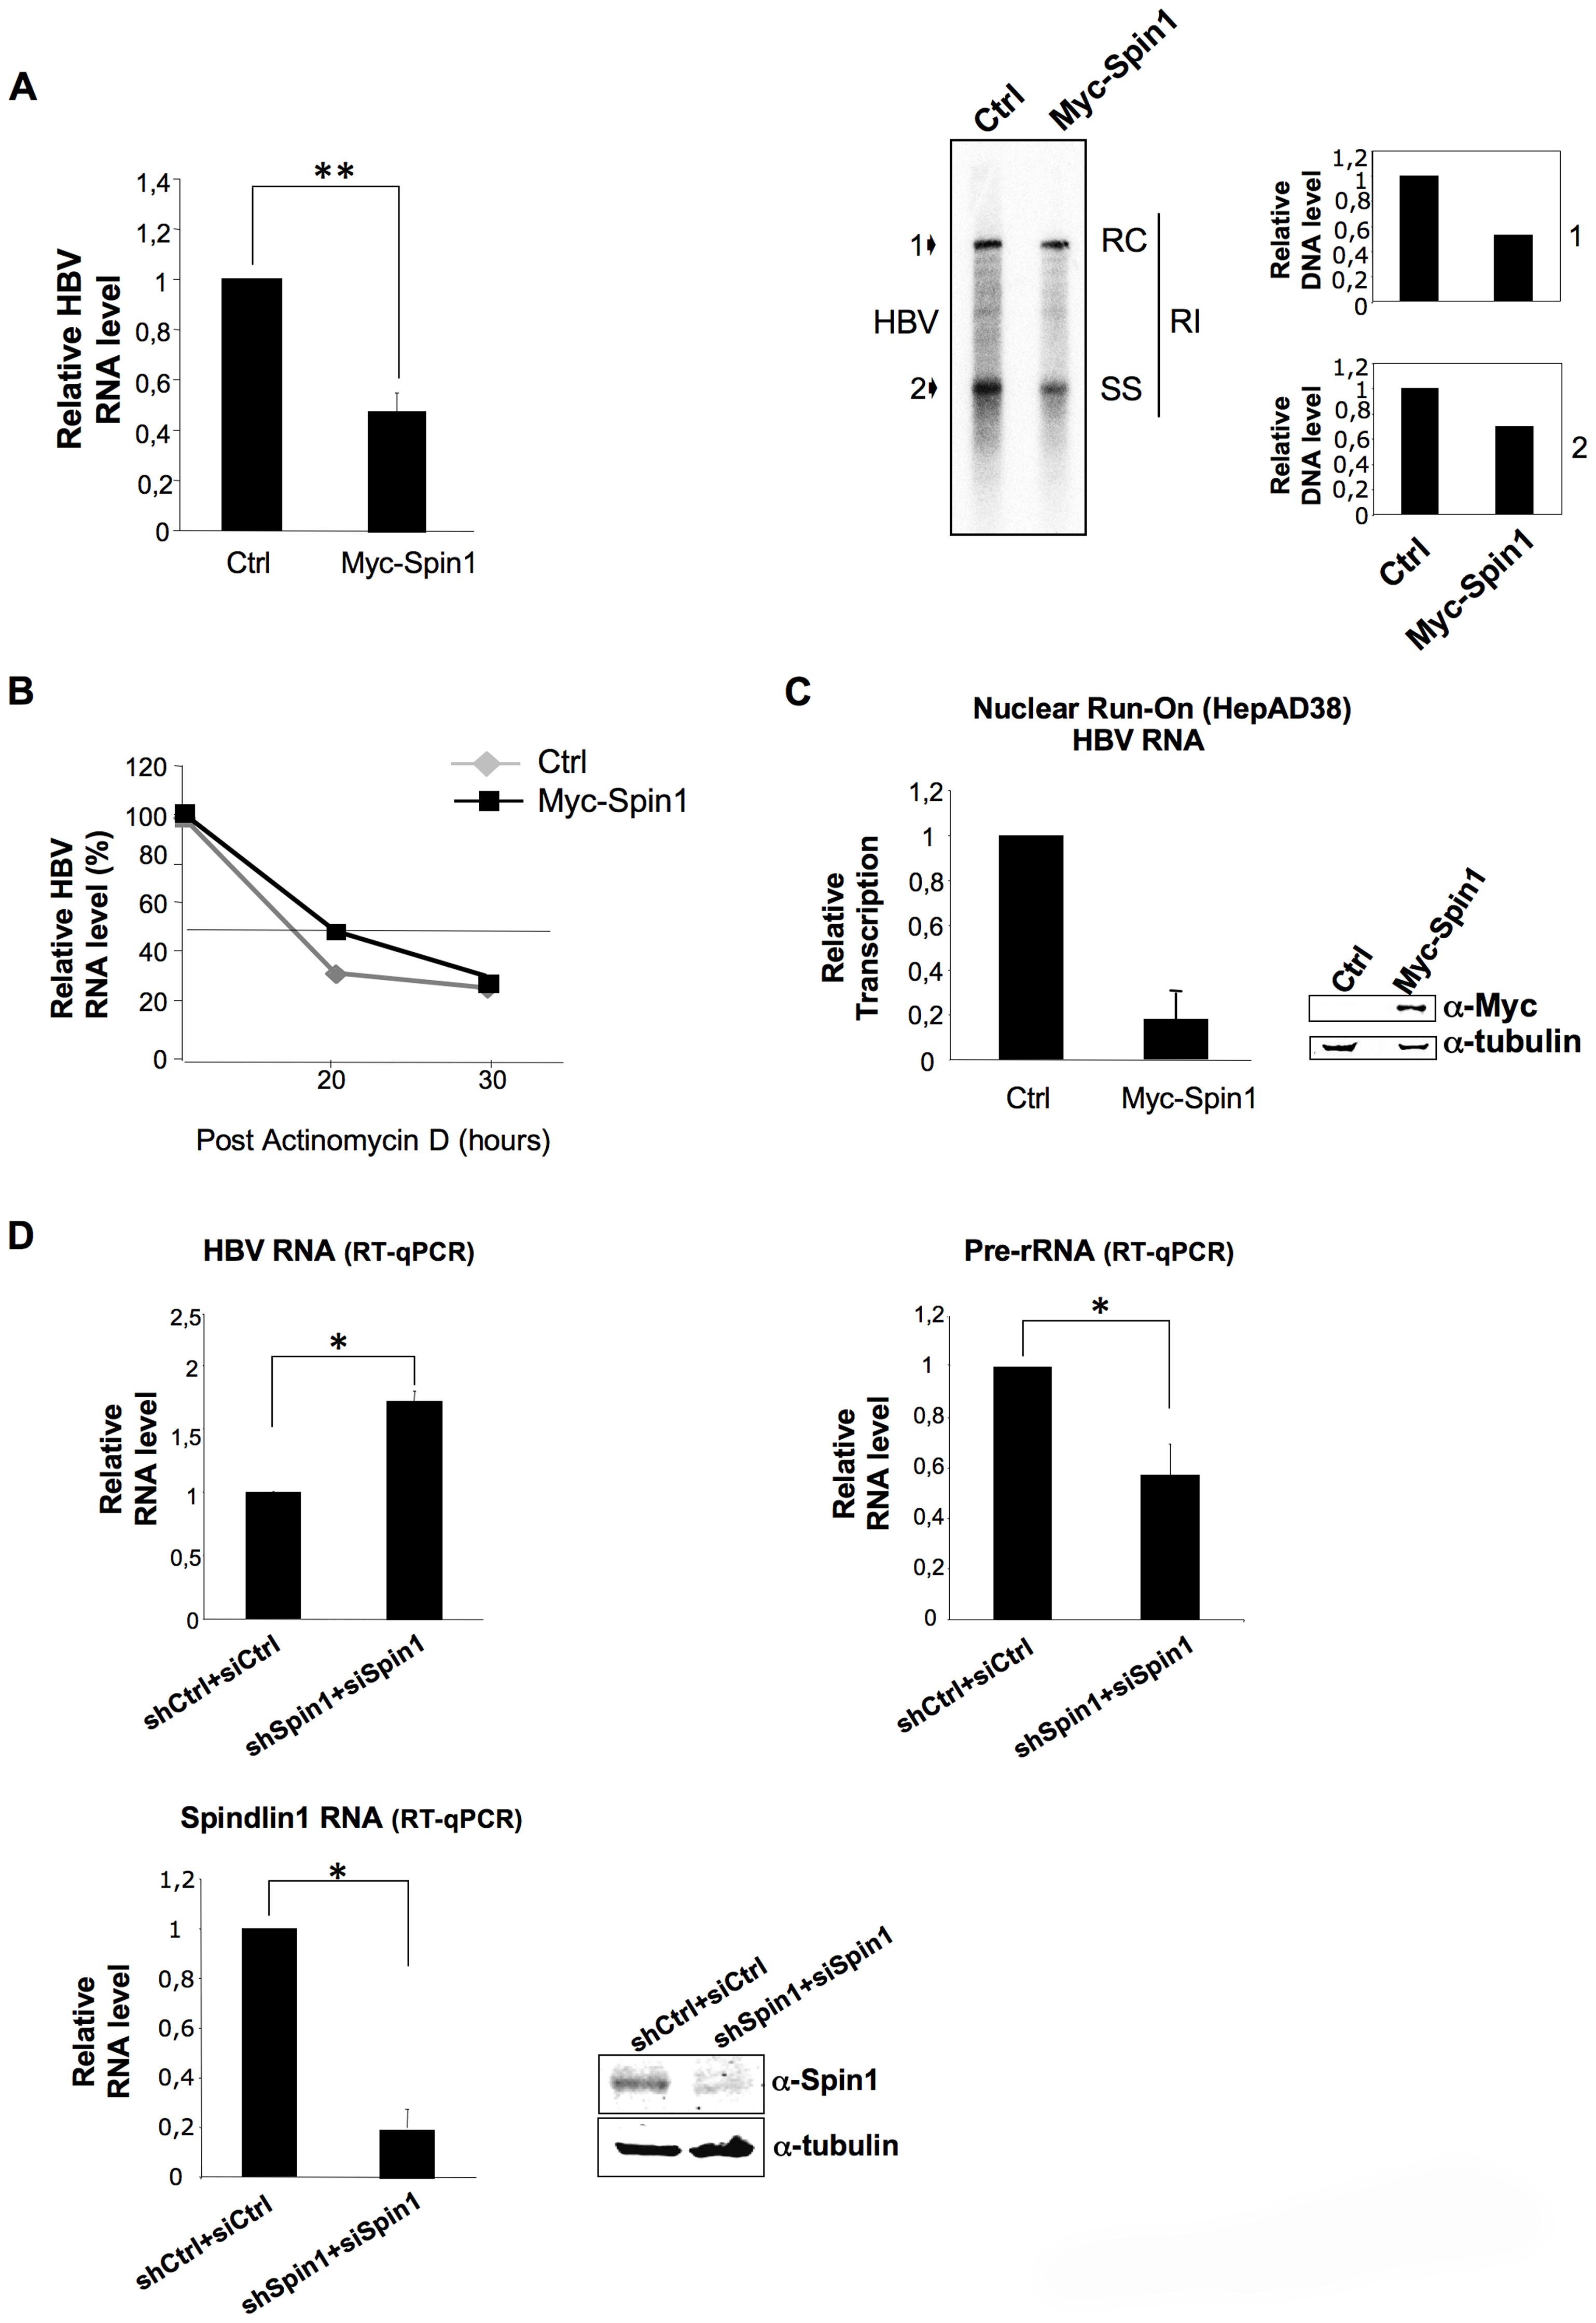 Spindlin1 represses HBV transcription in HepAD38 cells.